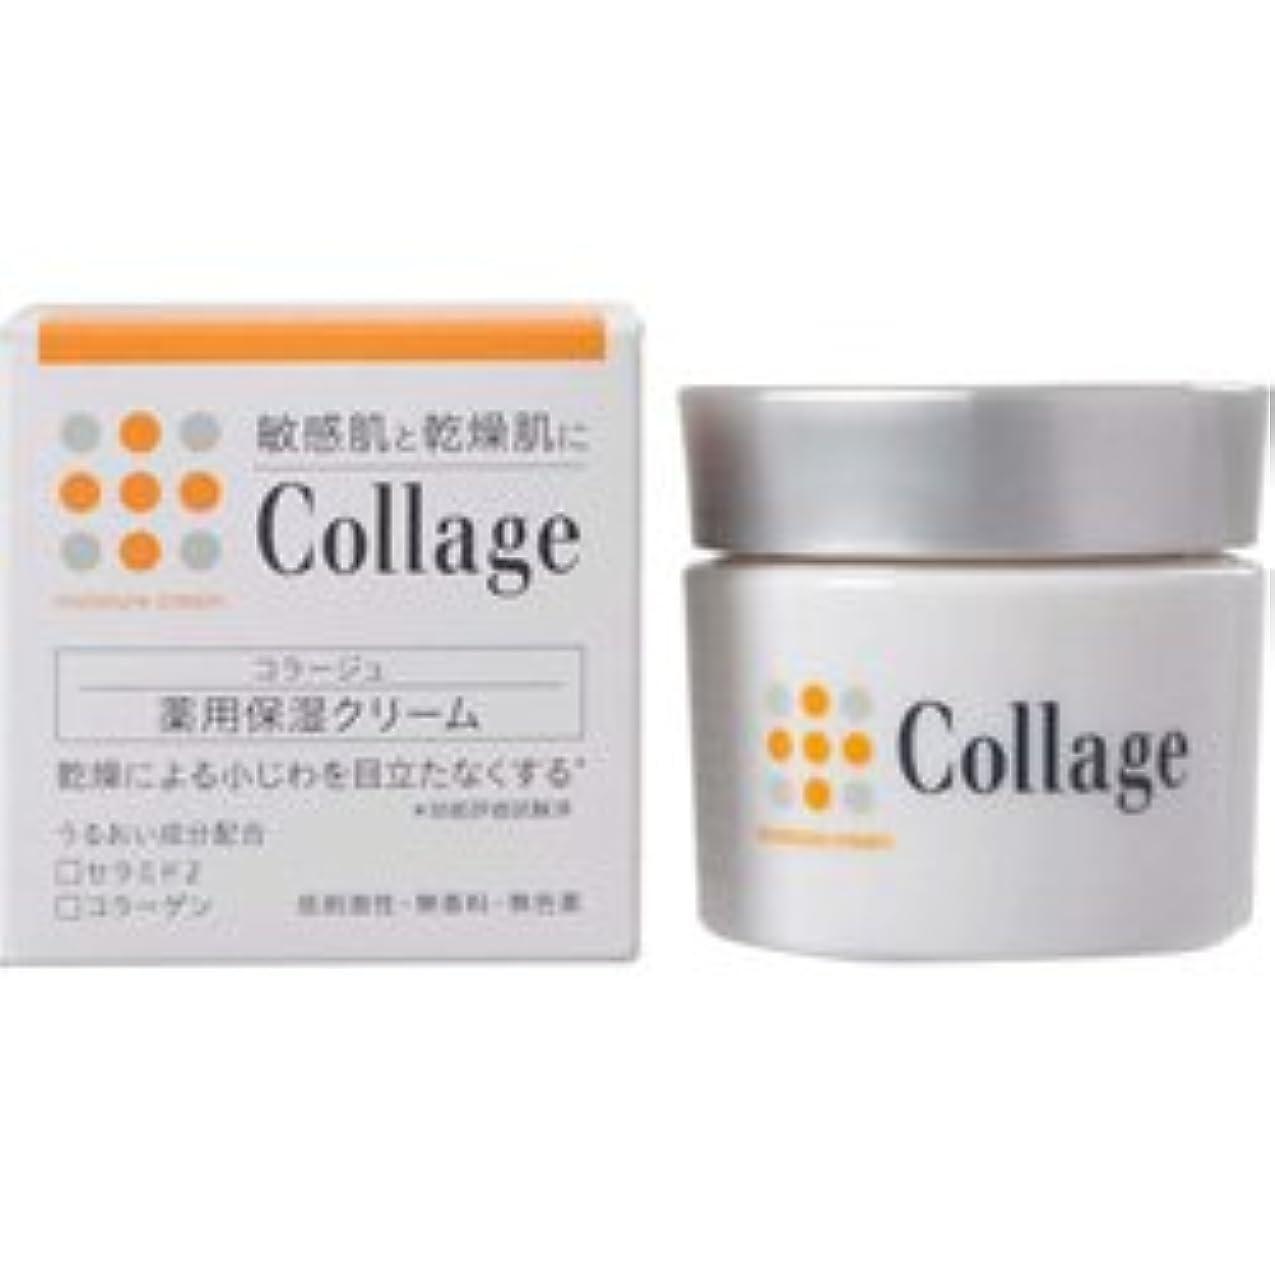 冗談でホイップトピック【持田ヘルスケア】 コラージュ薬用保湿クリーム 30g (医薬部外品) ×3個セット